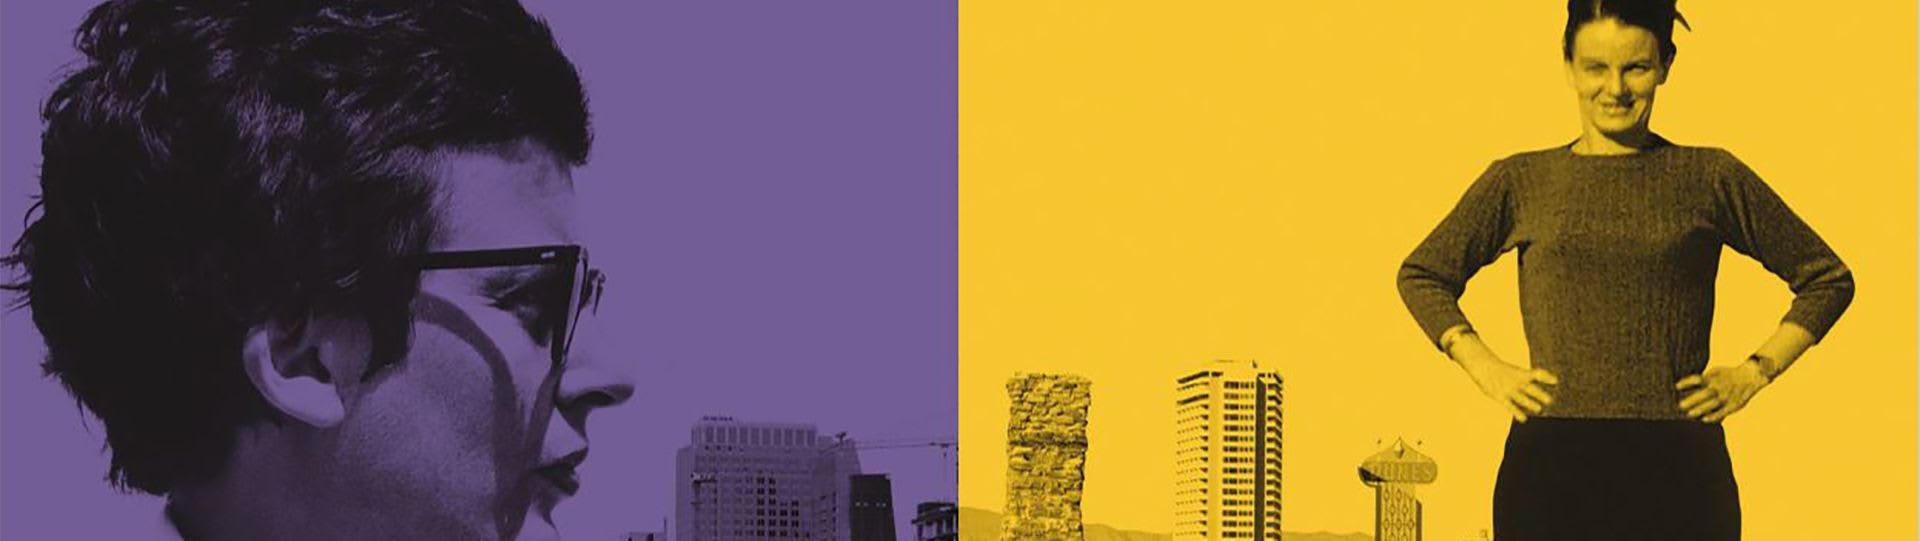 Affiche de film «Rêveuses de ville» de Joseph Hillel présenté dans le cadre du FIFA